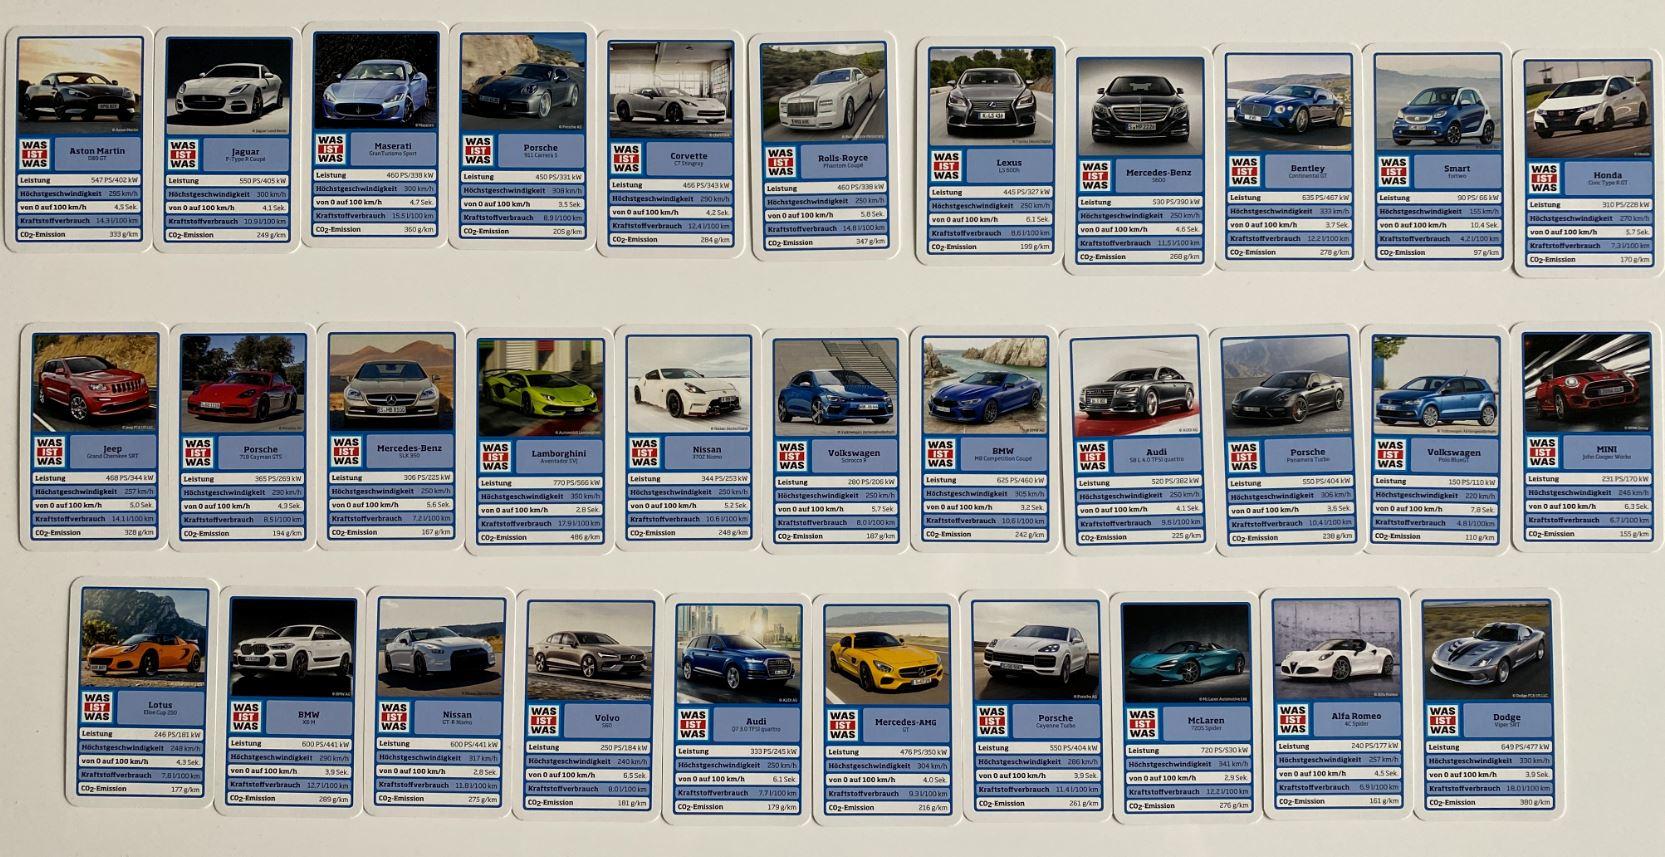 Spielkaten-Starke-Autos-1024x527